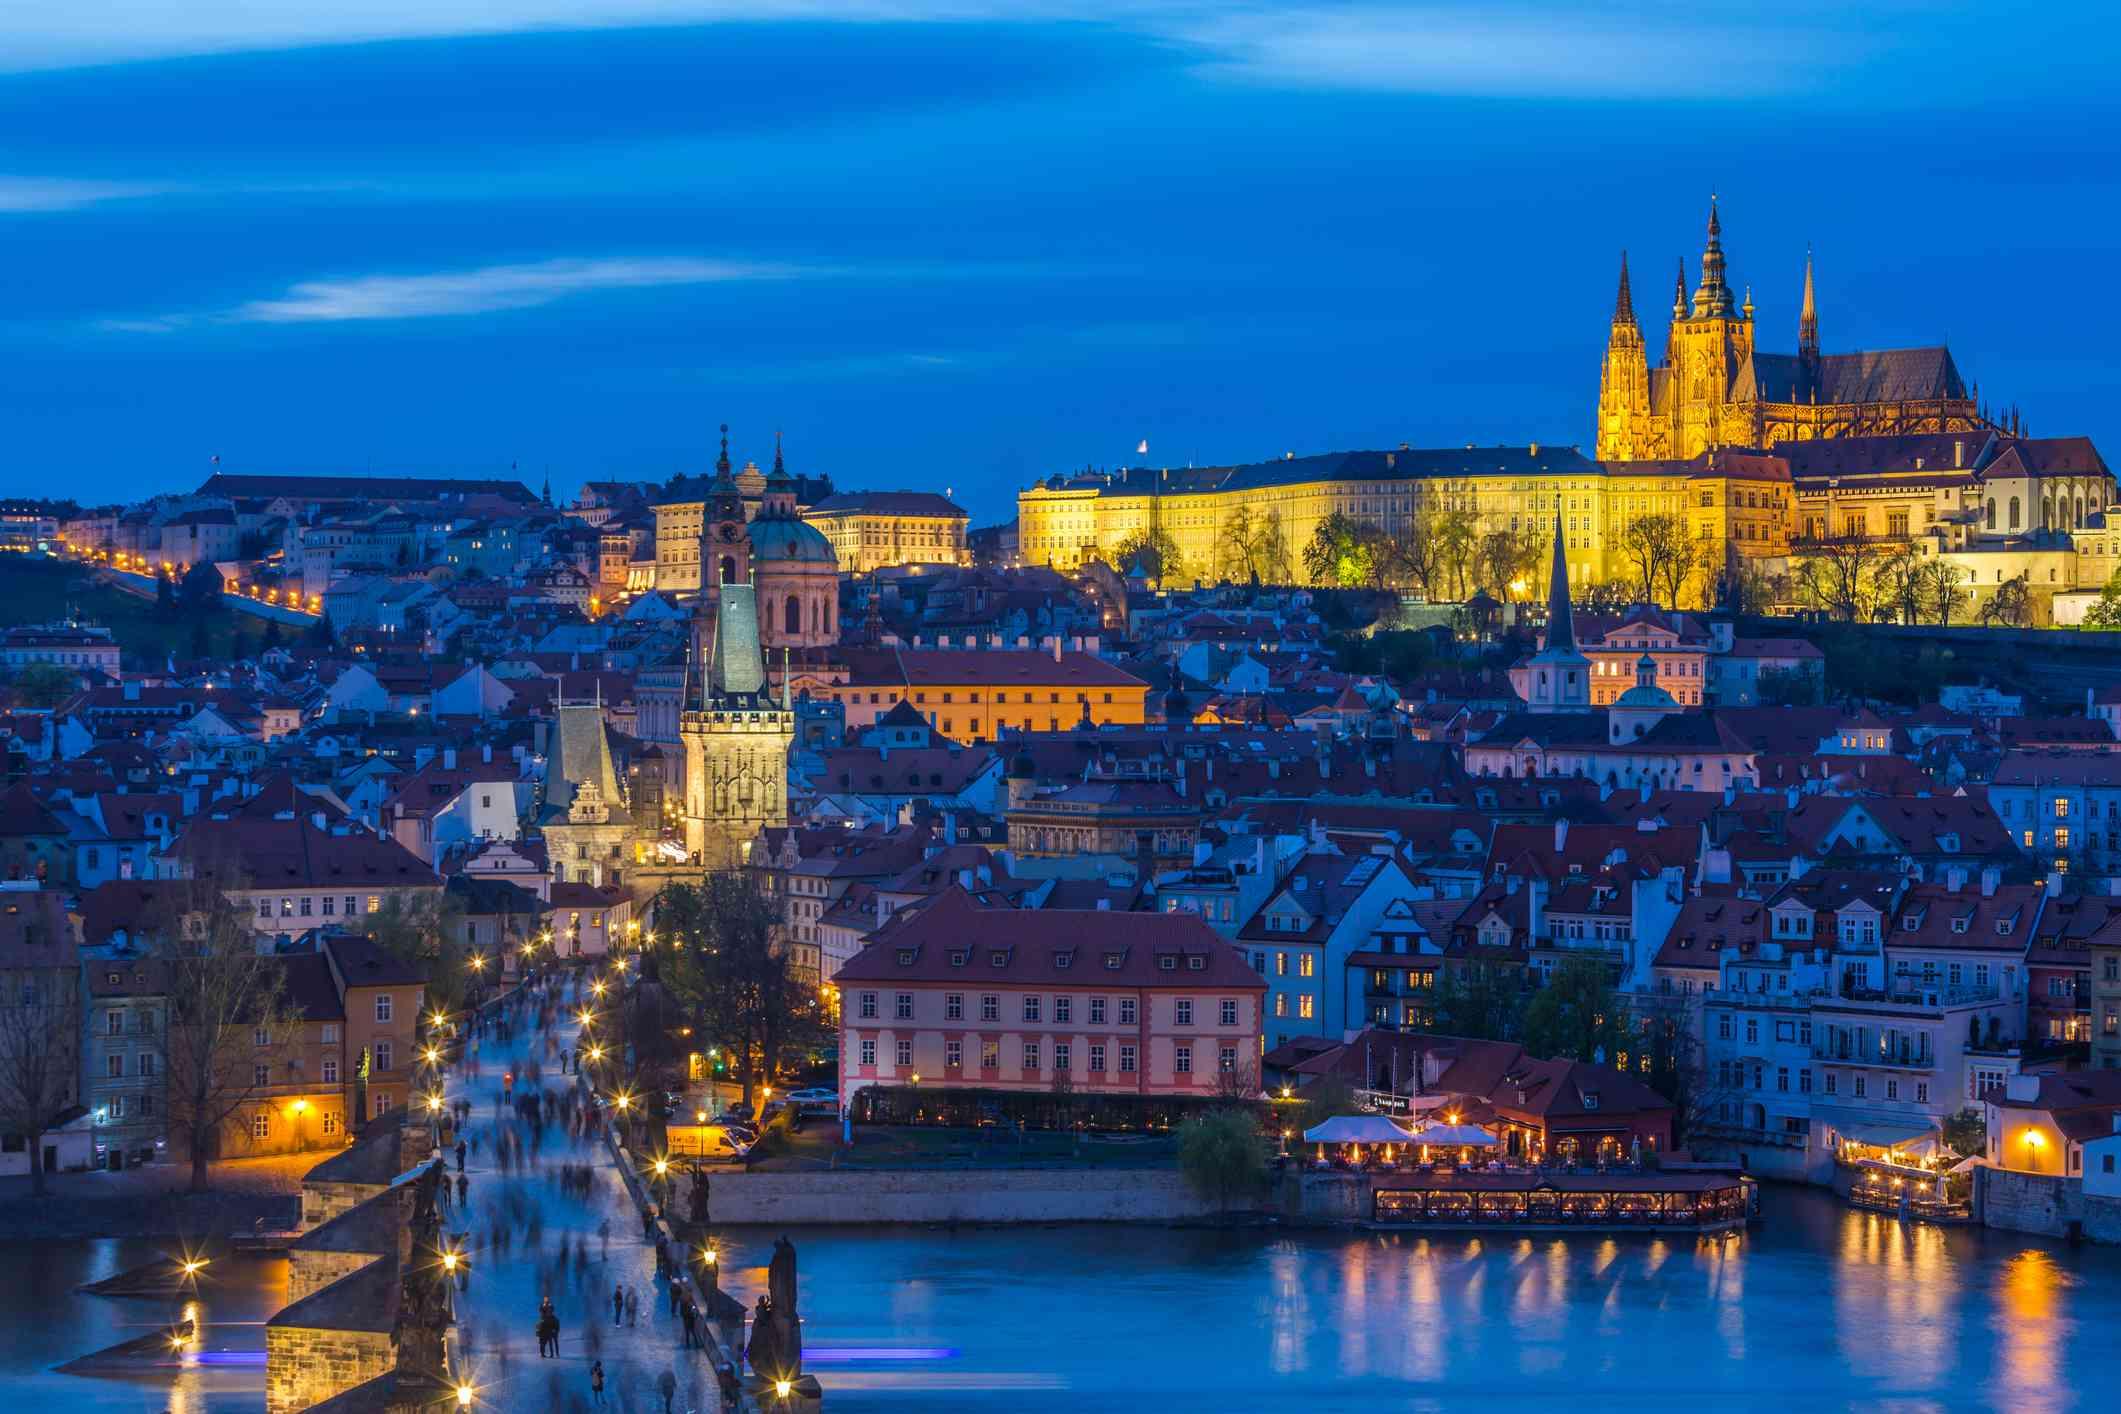 anochecer en el puente de Carlos con el distrito de mala strana y el Castillo de Praga .